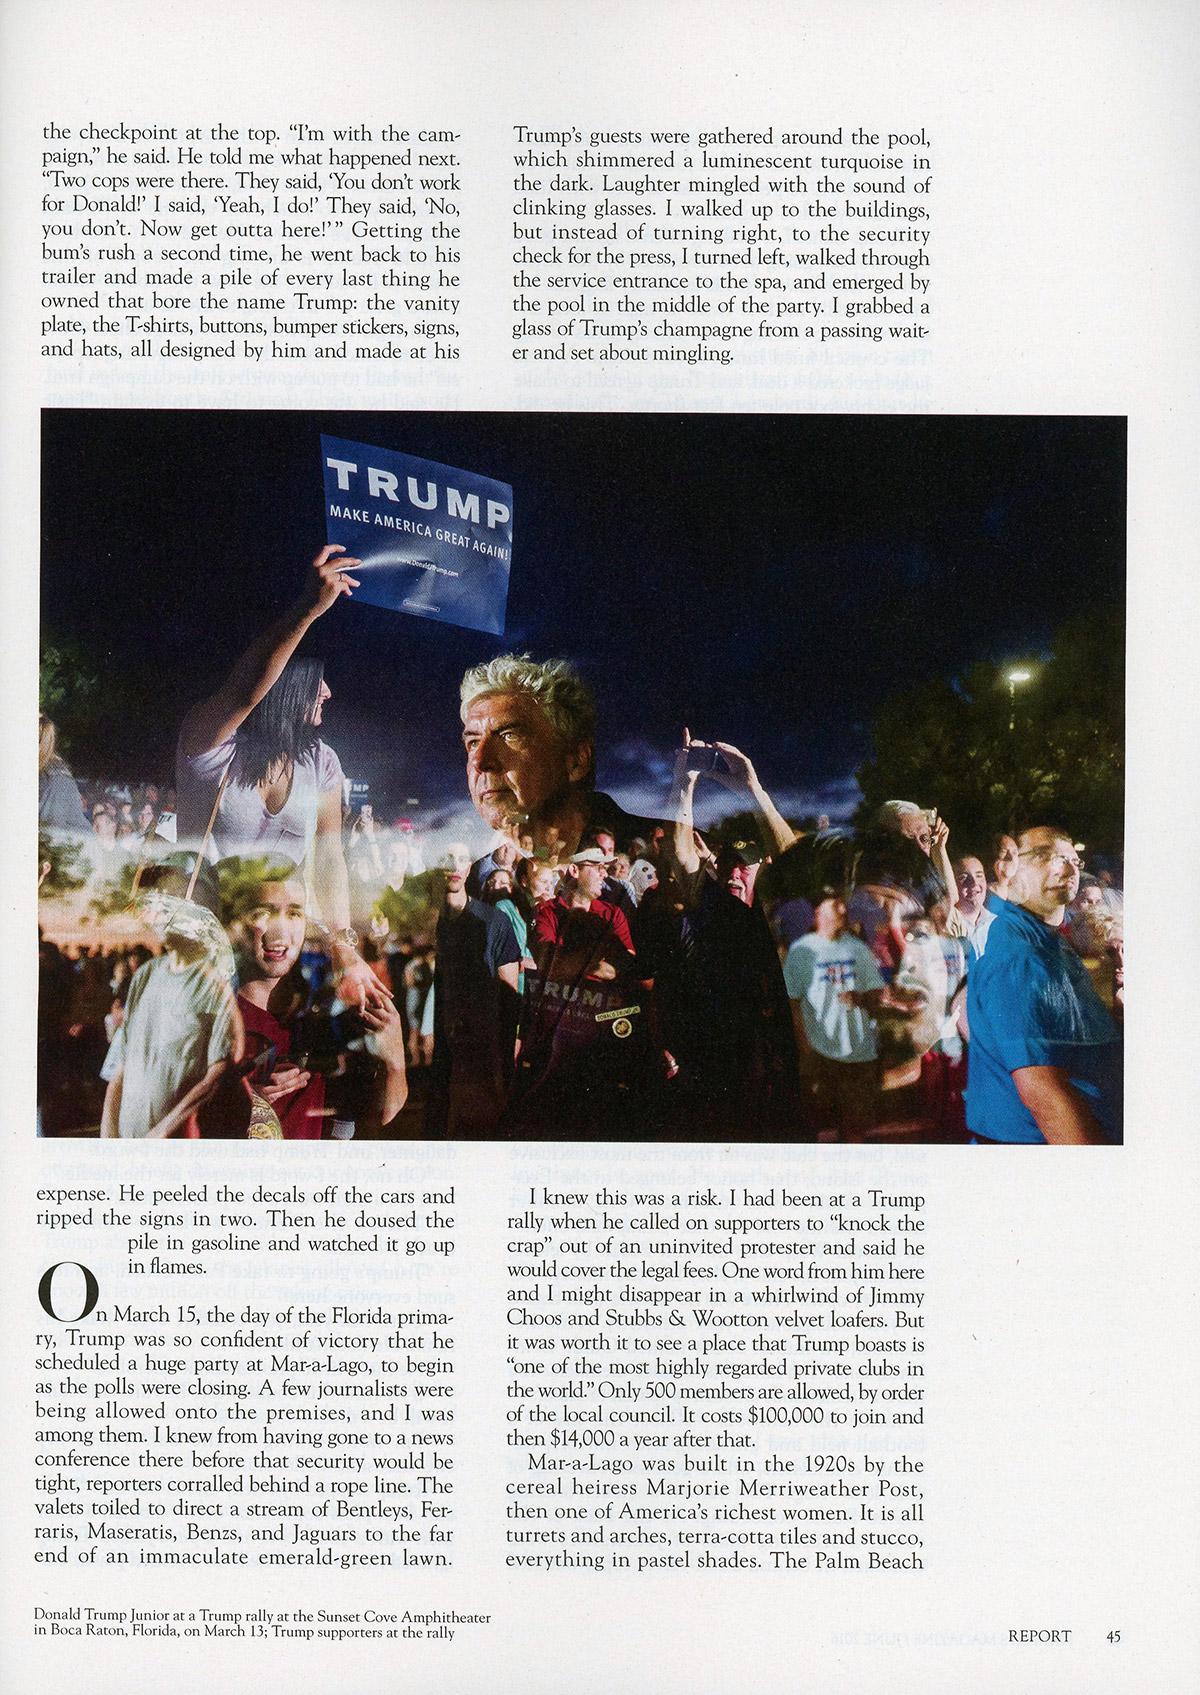 Harpers_TwoFace_June2016_Spread_6.jpg